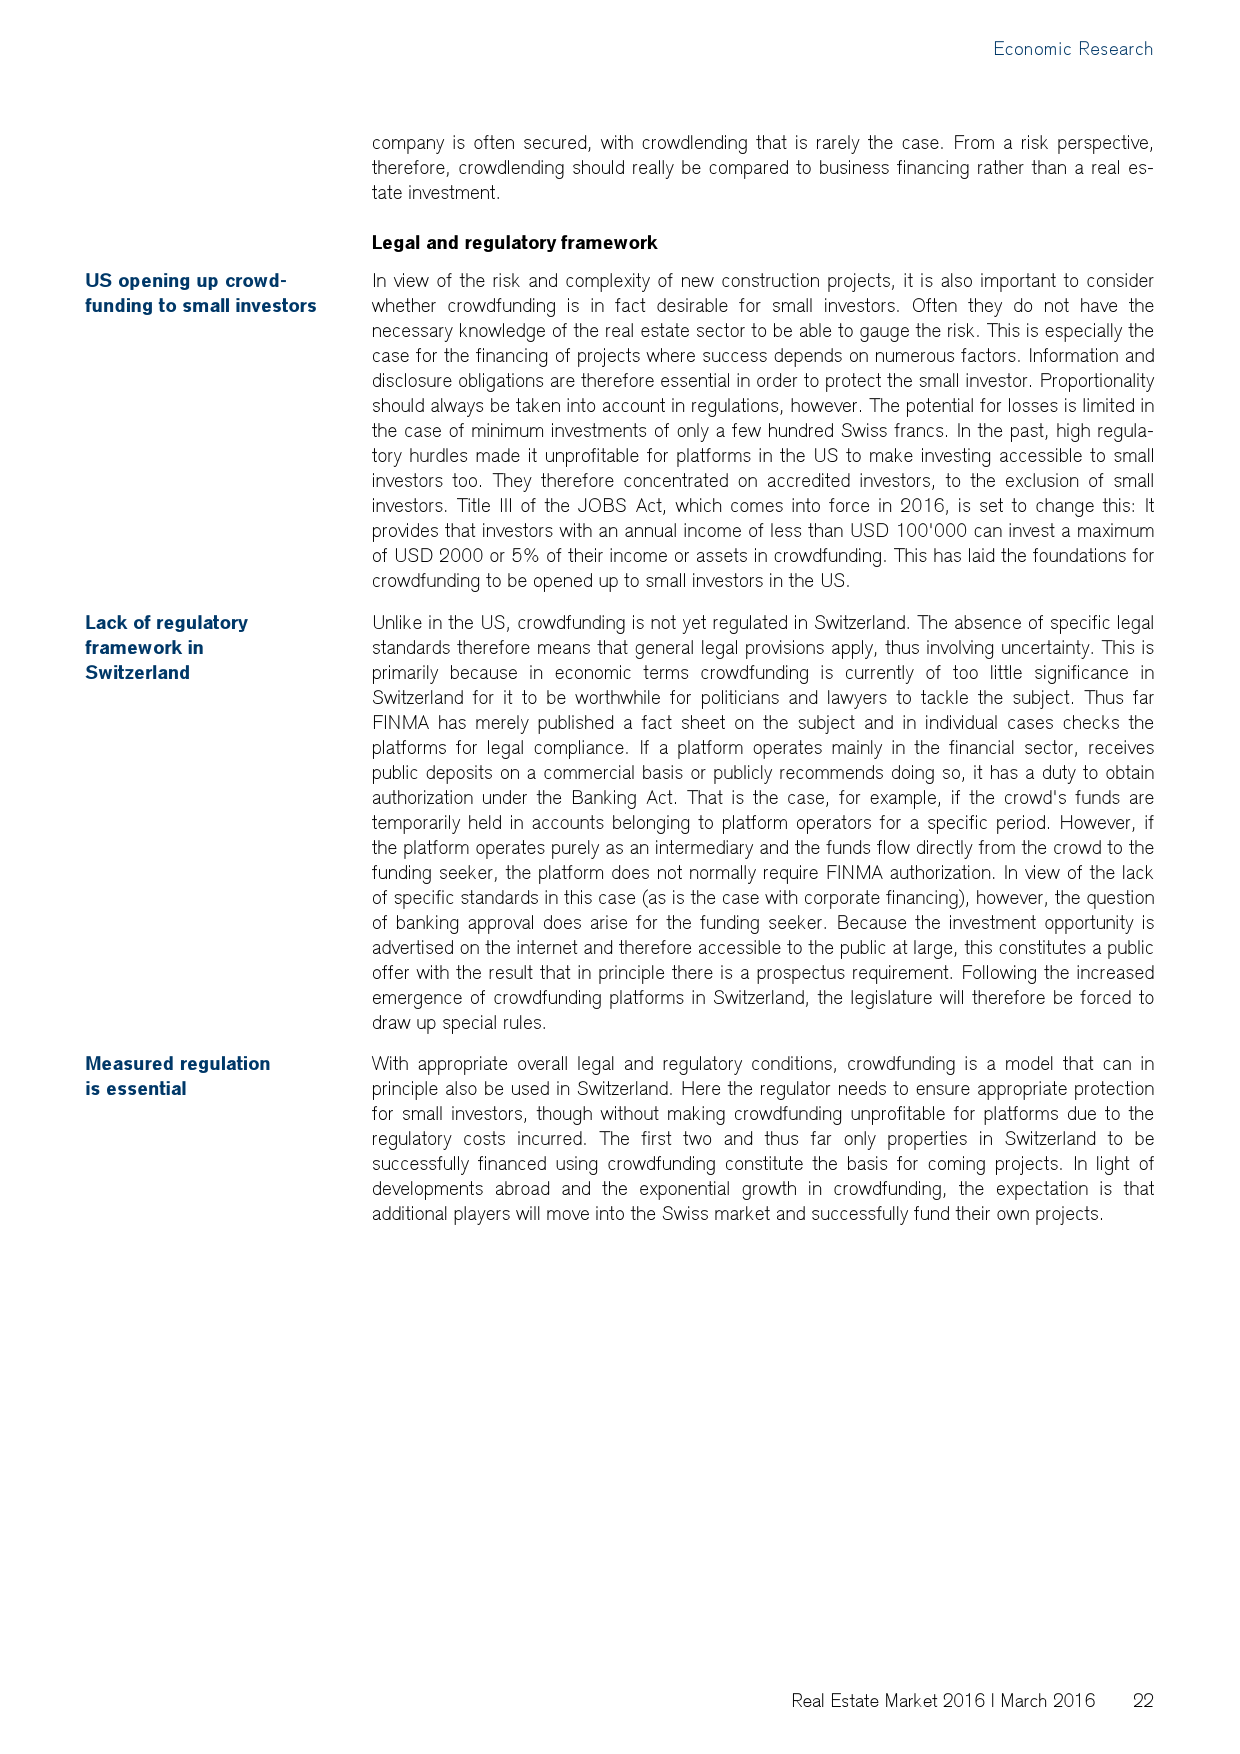 2016年瑞士房地产市场研究报告_000022